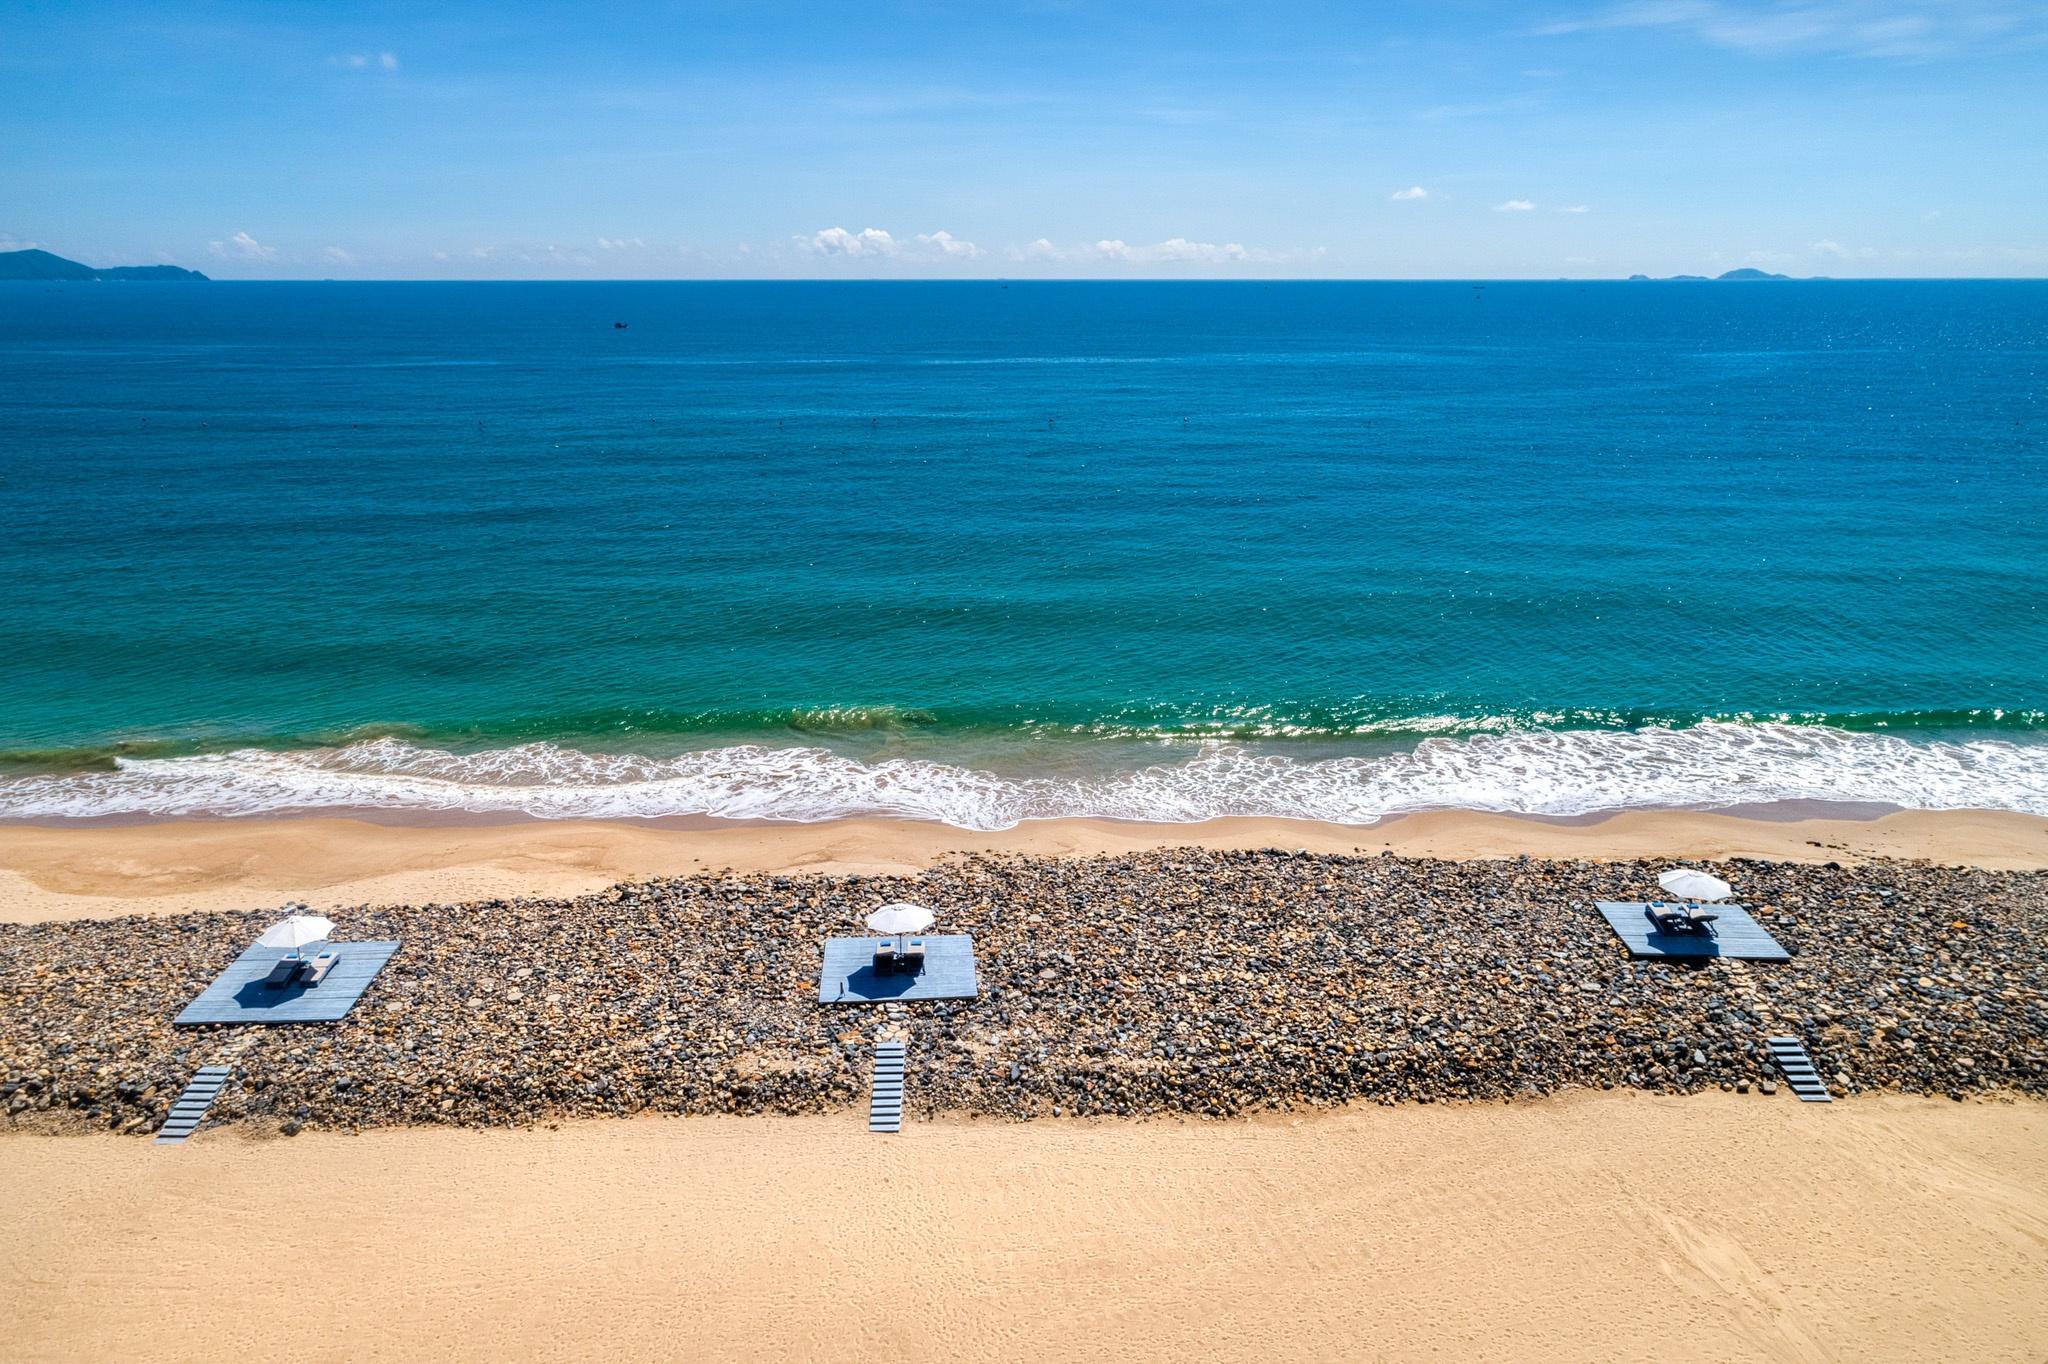 Chuyến đi mùa hè đến thiên đường biển đảo Nha Trang - Ảnh 4.